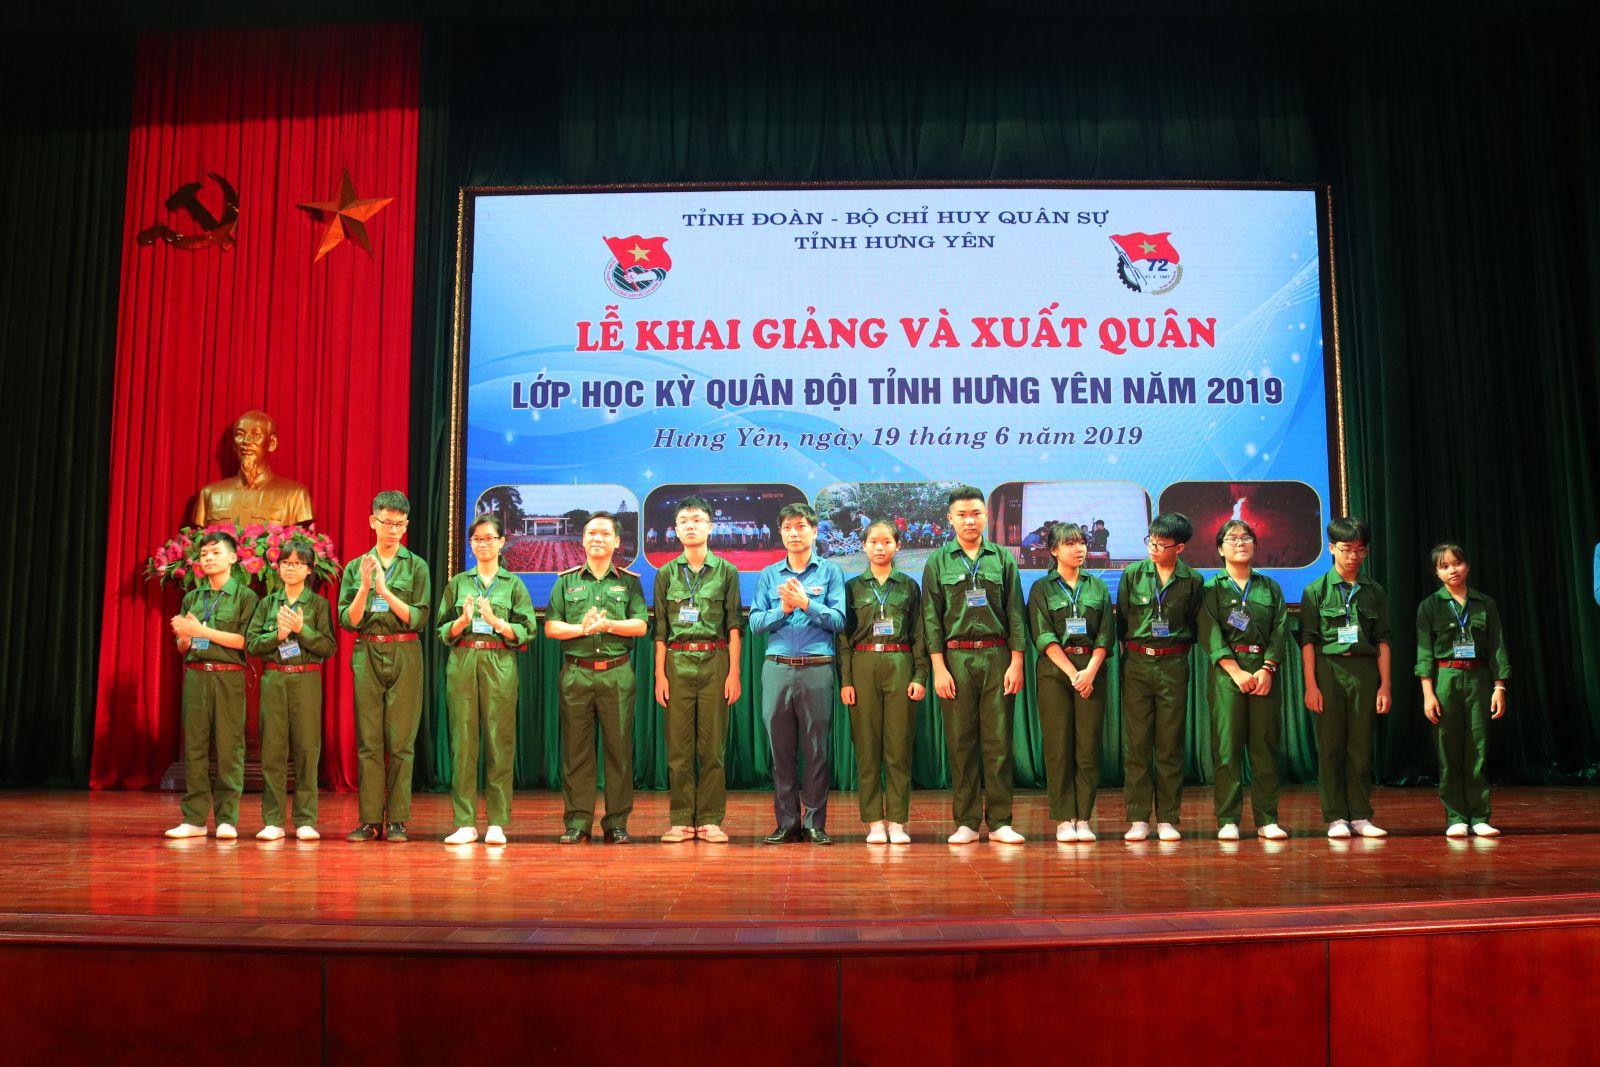 Lễ khai giảng và xuất quân Lớp Học kỳ quân đội  tỉnh Hưng Yên năm 2019